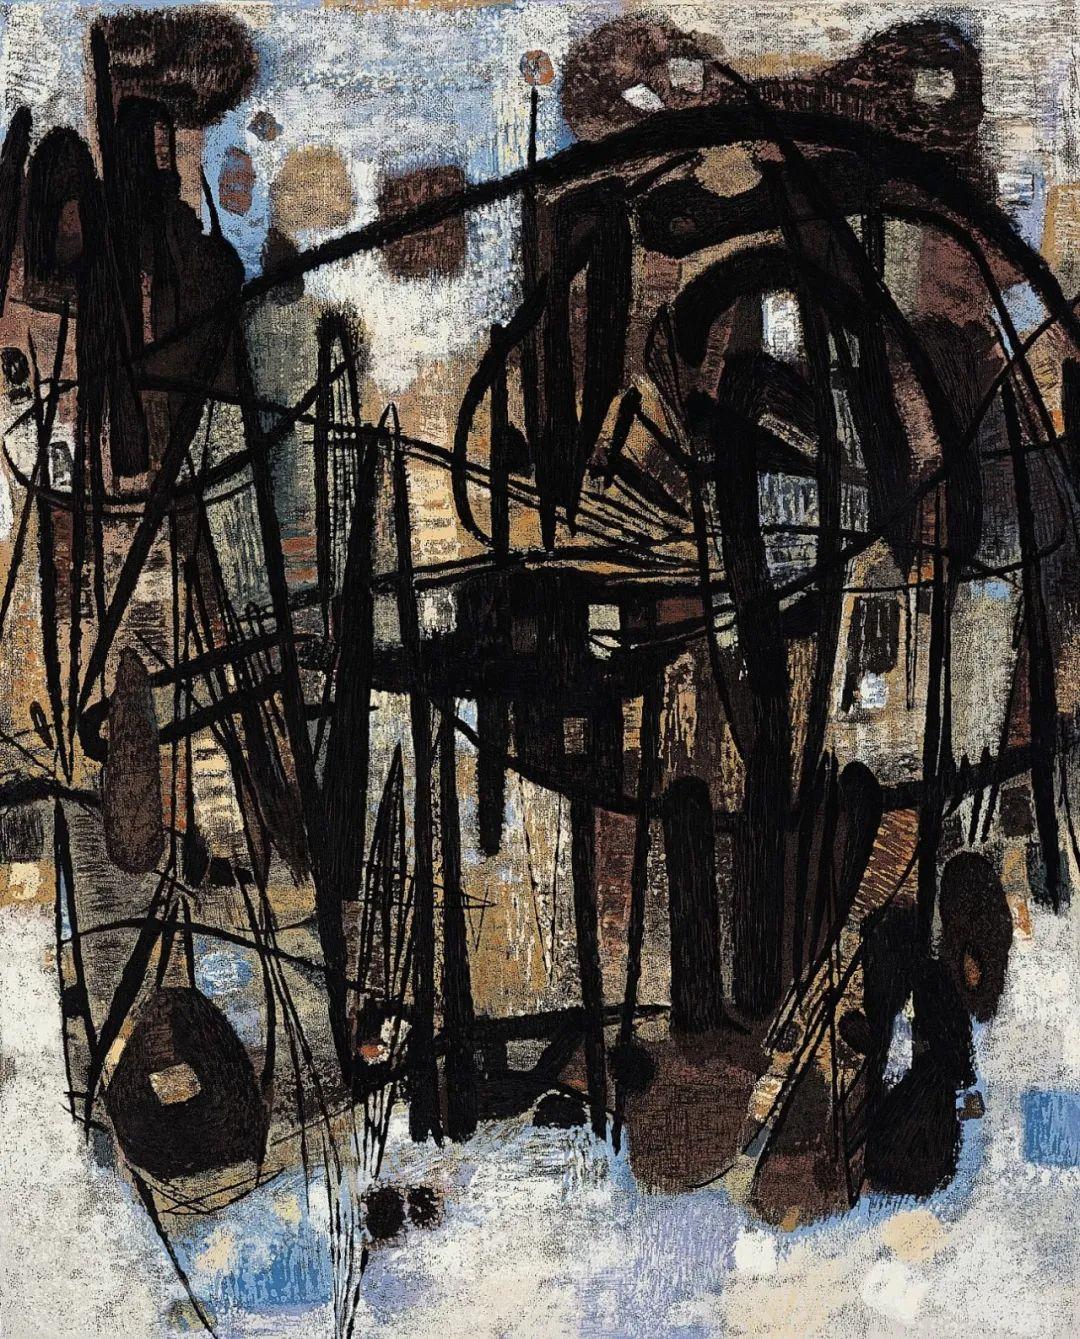 以色彩写诗,具象转抽象,朱德群作品欣赏 (高清)插图45